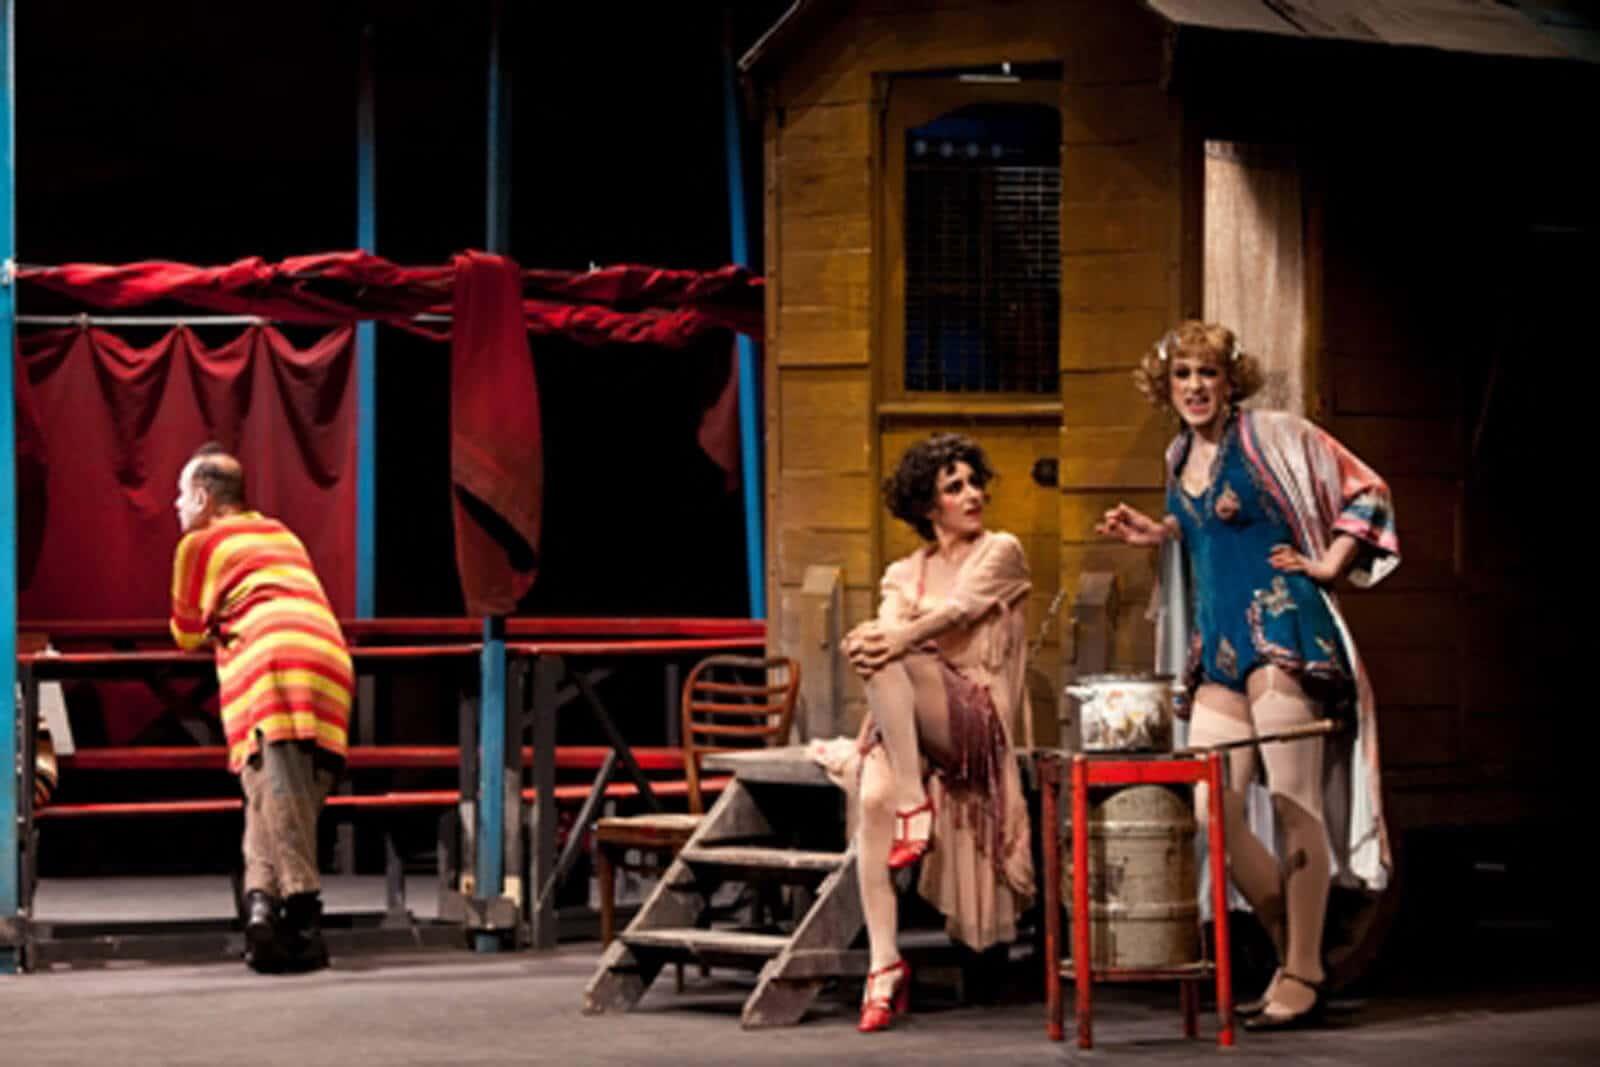 Circo equestre Sgueglia-Teatro Stabile Napoli-5